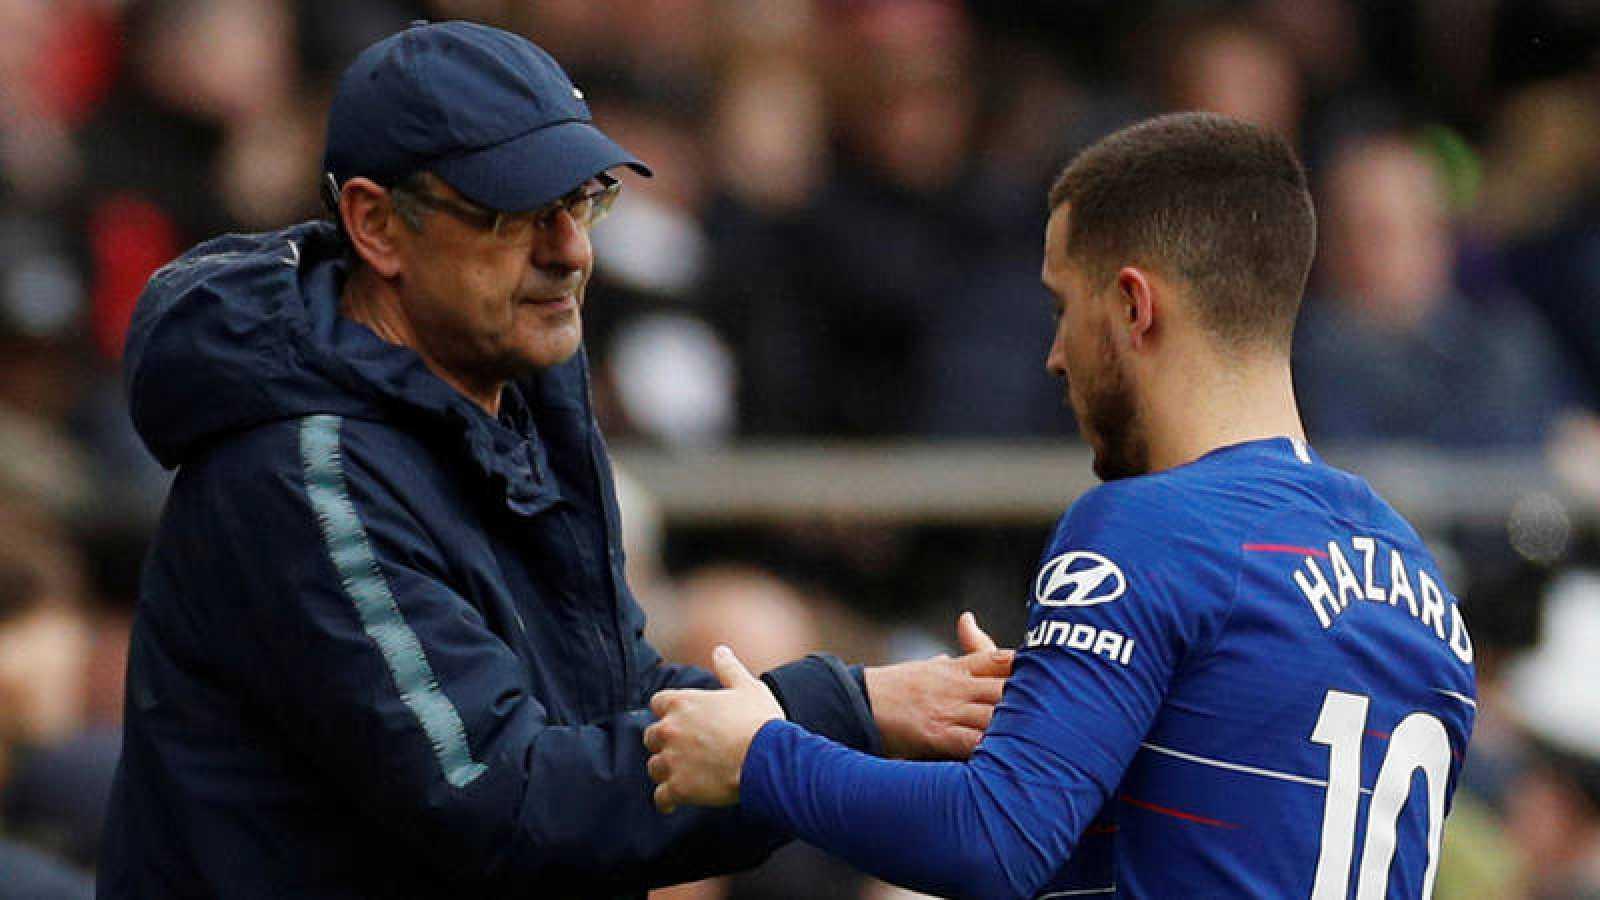 El entrenador del Chelsea, Maurizio Sarri, conversa con el belga Eden Hazard en un partido.